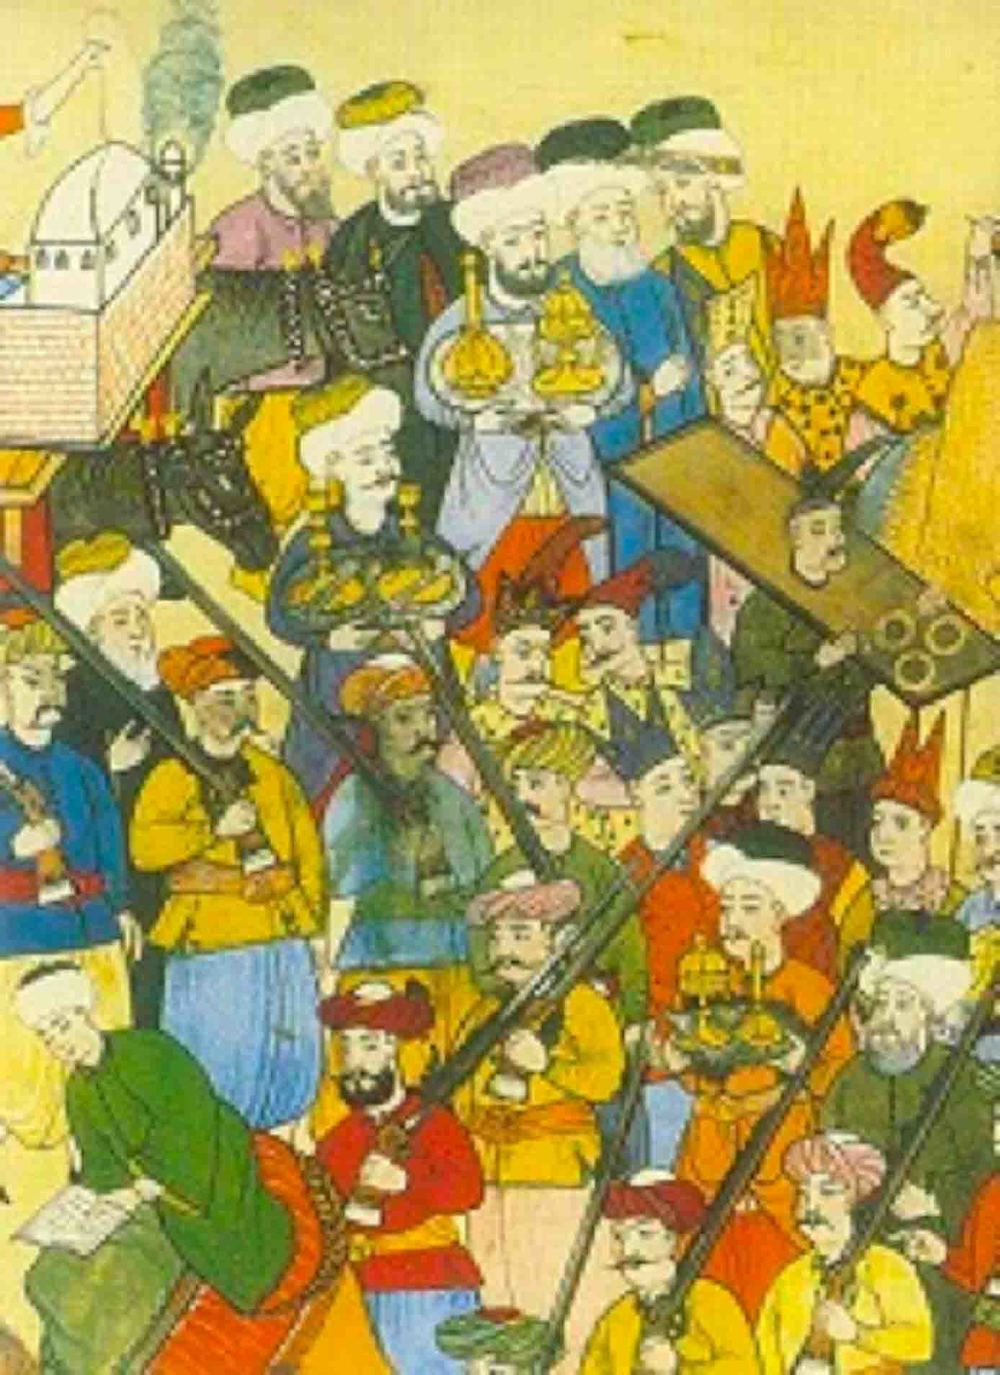 """LEVNİ MİNYATÜRLERİNDE BUHURDAN&GÜLABDAN TAŞIYANLAR Sultan III. Ahmed'in (1703-1730) dört şehzadesinin 1720 yılında yapılan sünnet düğününü anlatan """"Surname-i Vehbi"""" adlı elyazması eserdeki Levni (Öl.1732) minyatürlerinde, esnaf alayında bulunan kimi kişilerin ellerinde taşıdıkları buhurdan ve gülabdanlar, görüldüğü gibi bir tepsi içinde """"takım olarak"""" yer almaktadır."""